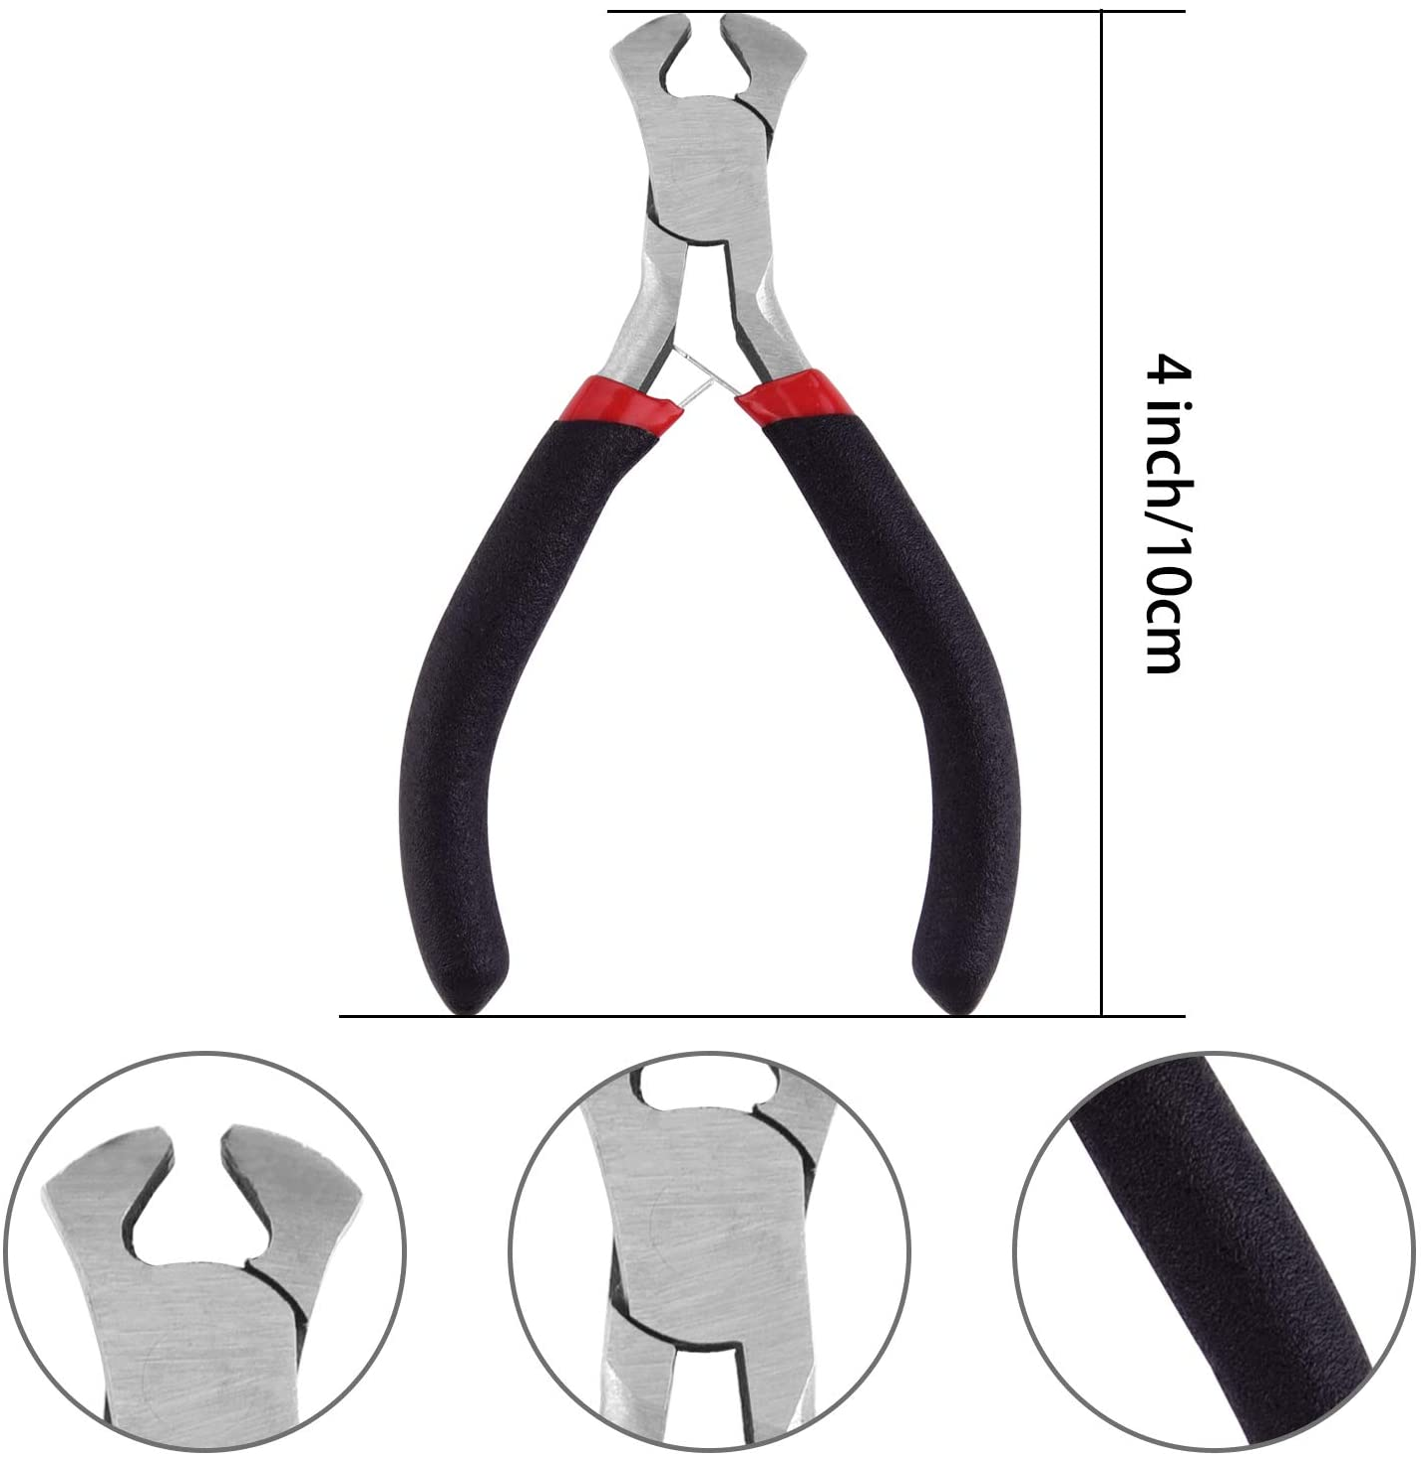 TUPARKA 211 Pcs Rei/ßverschluss Reparatur Set,Rei/ßverschluss Ersatz mit Zipper Install Zange f/ür DIY Taschen Silber und Schwarz Rucks/äcke Gep/äck Jacken